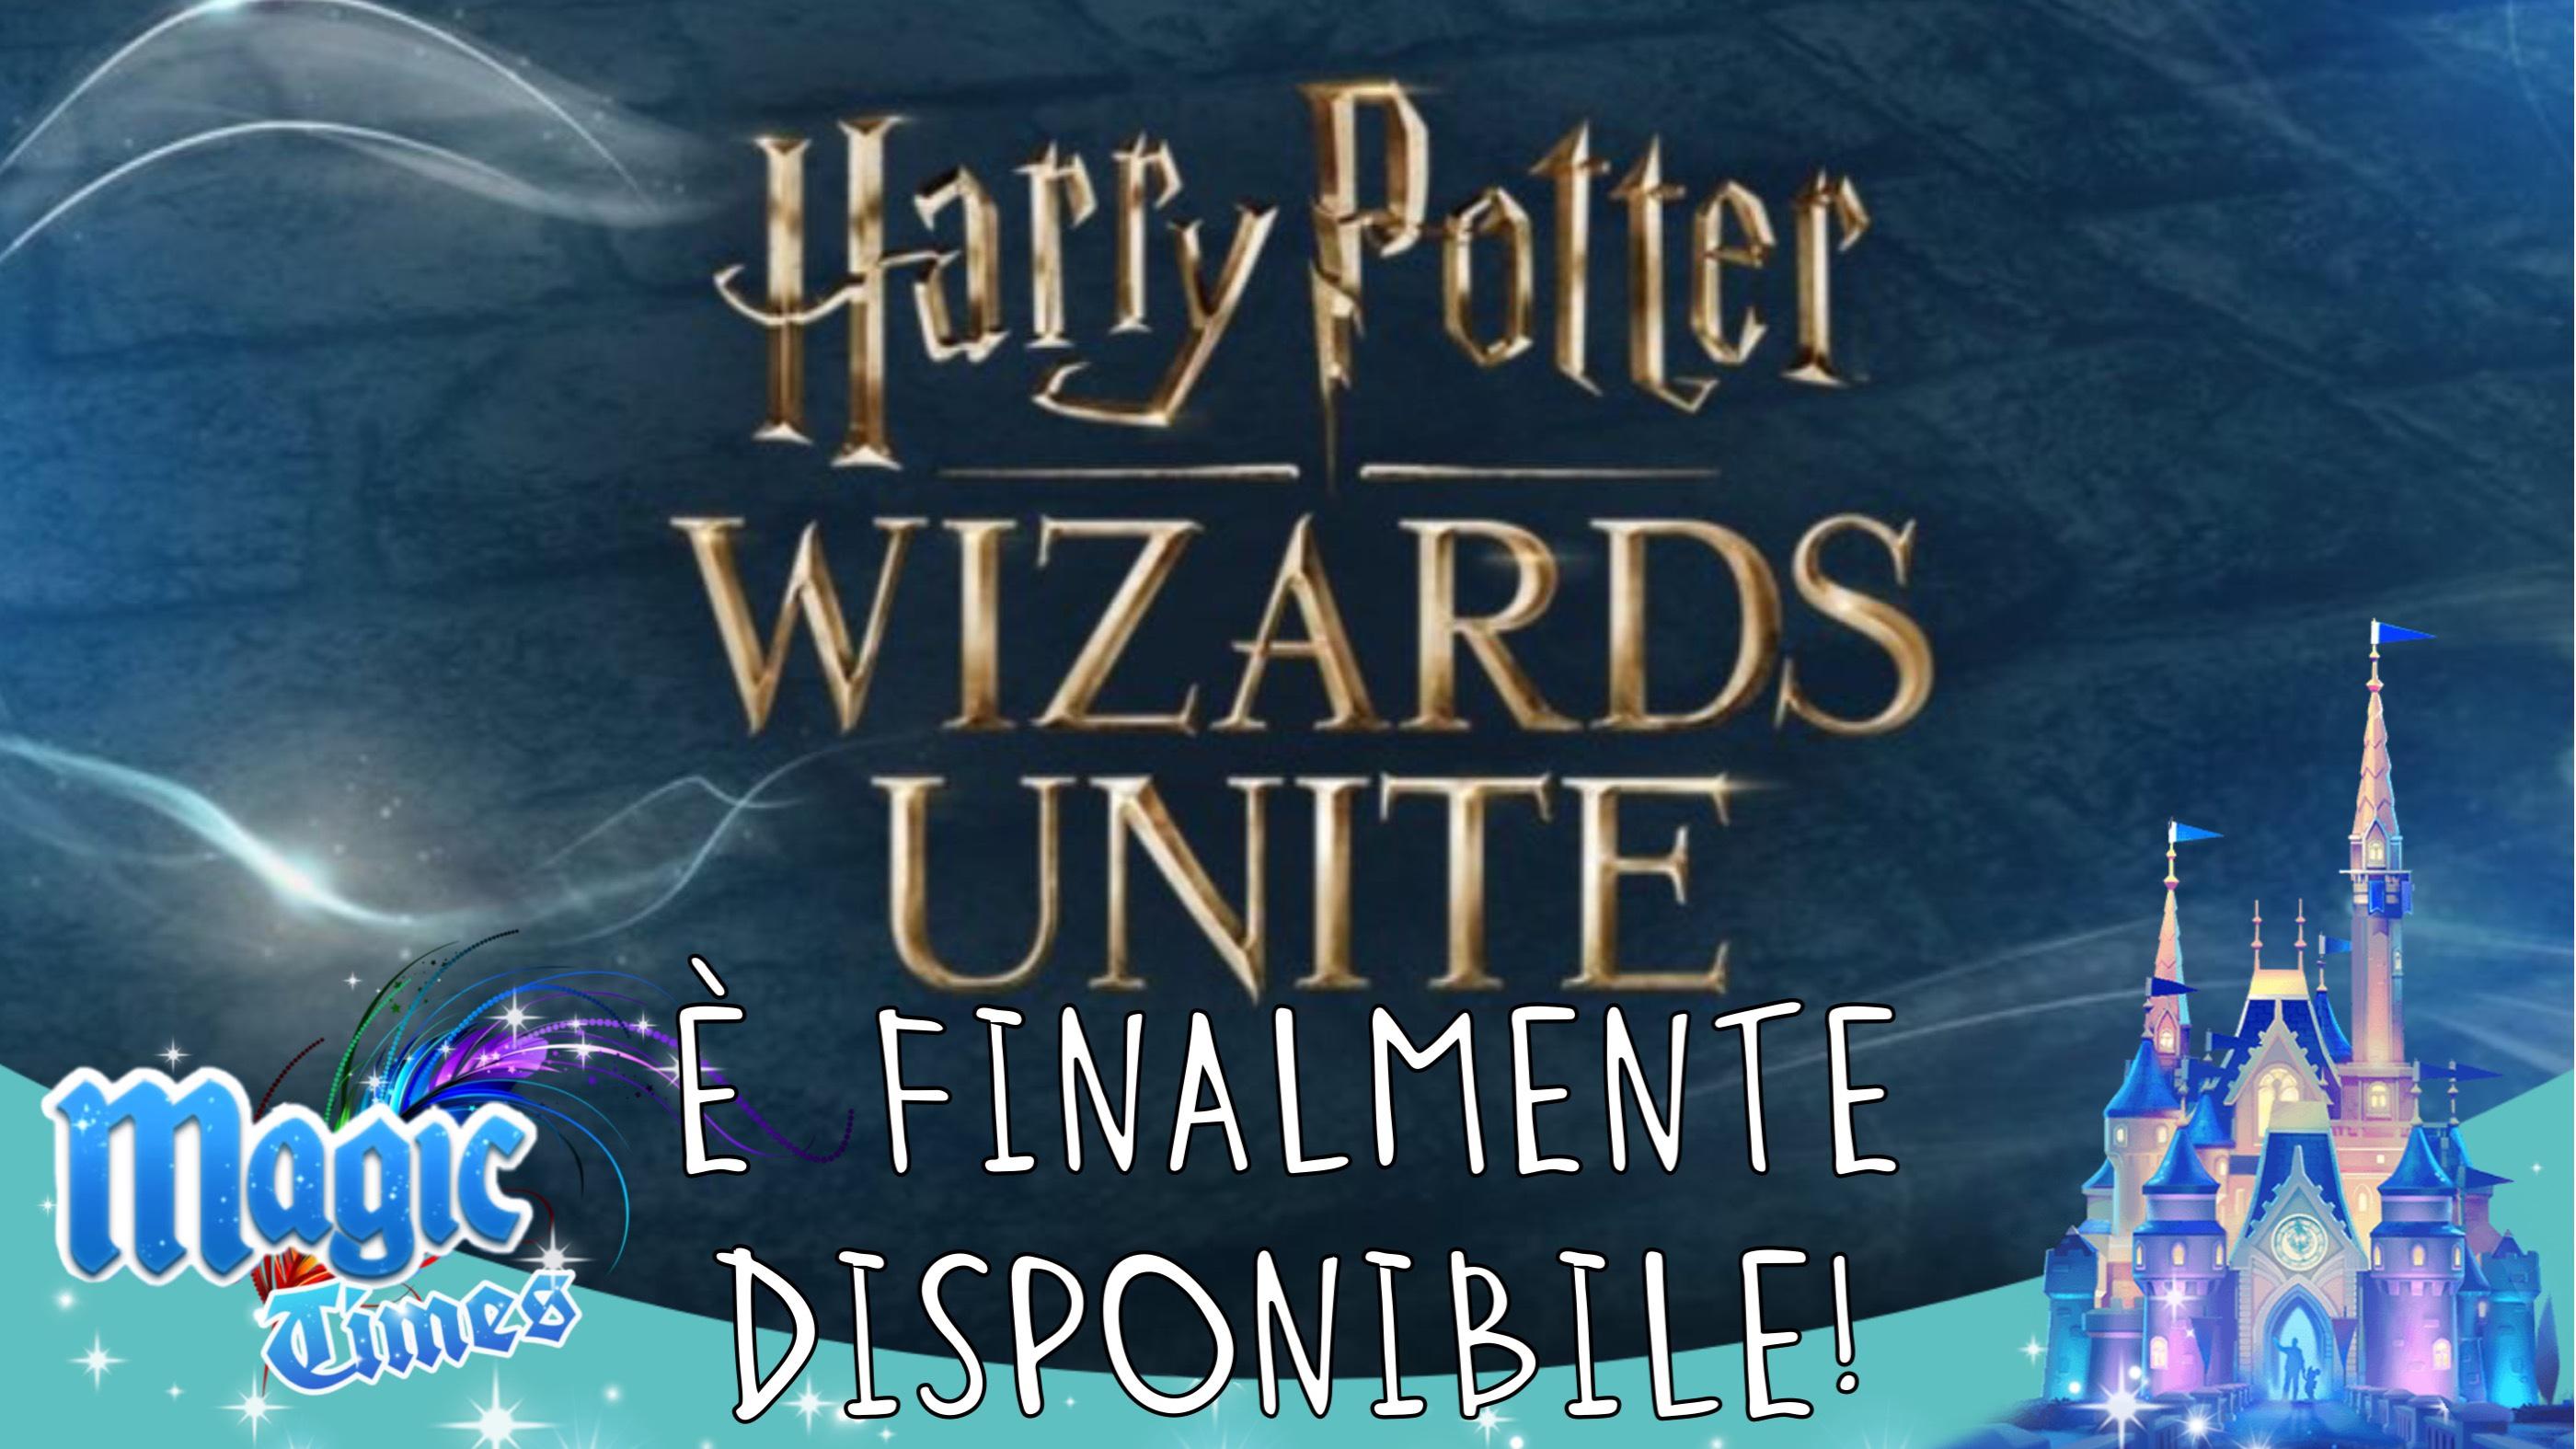 Harry Potter: Wizards Unite è finalmente disponibile!